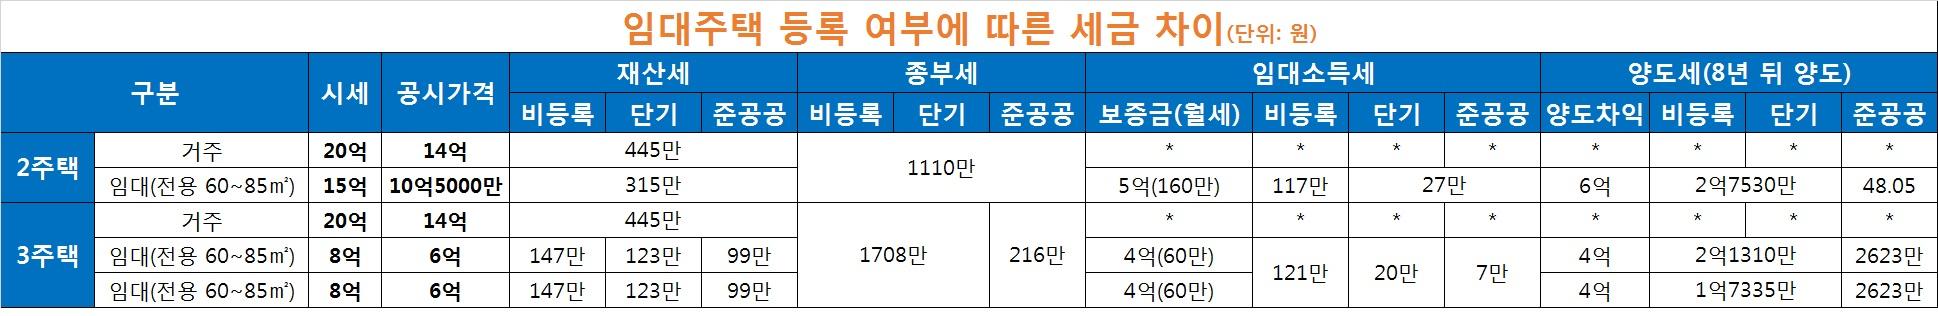 자료: 김종필 세무사